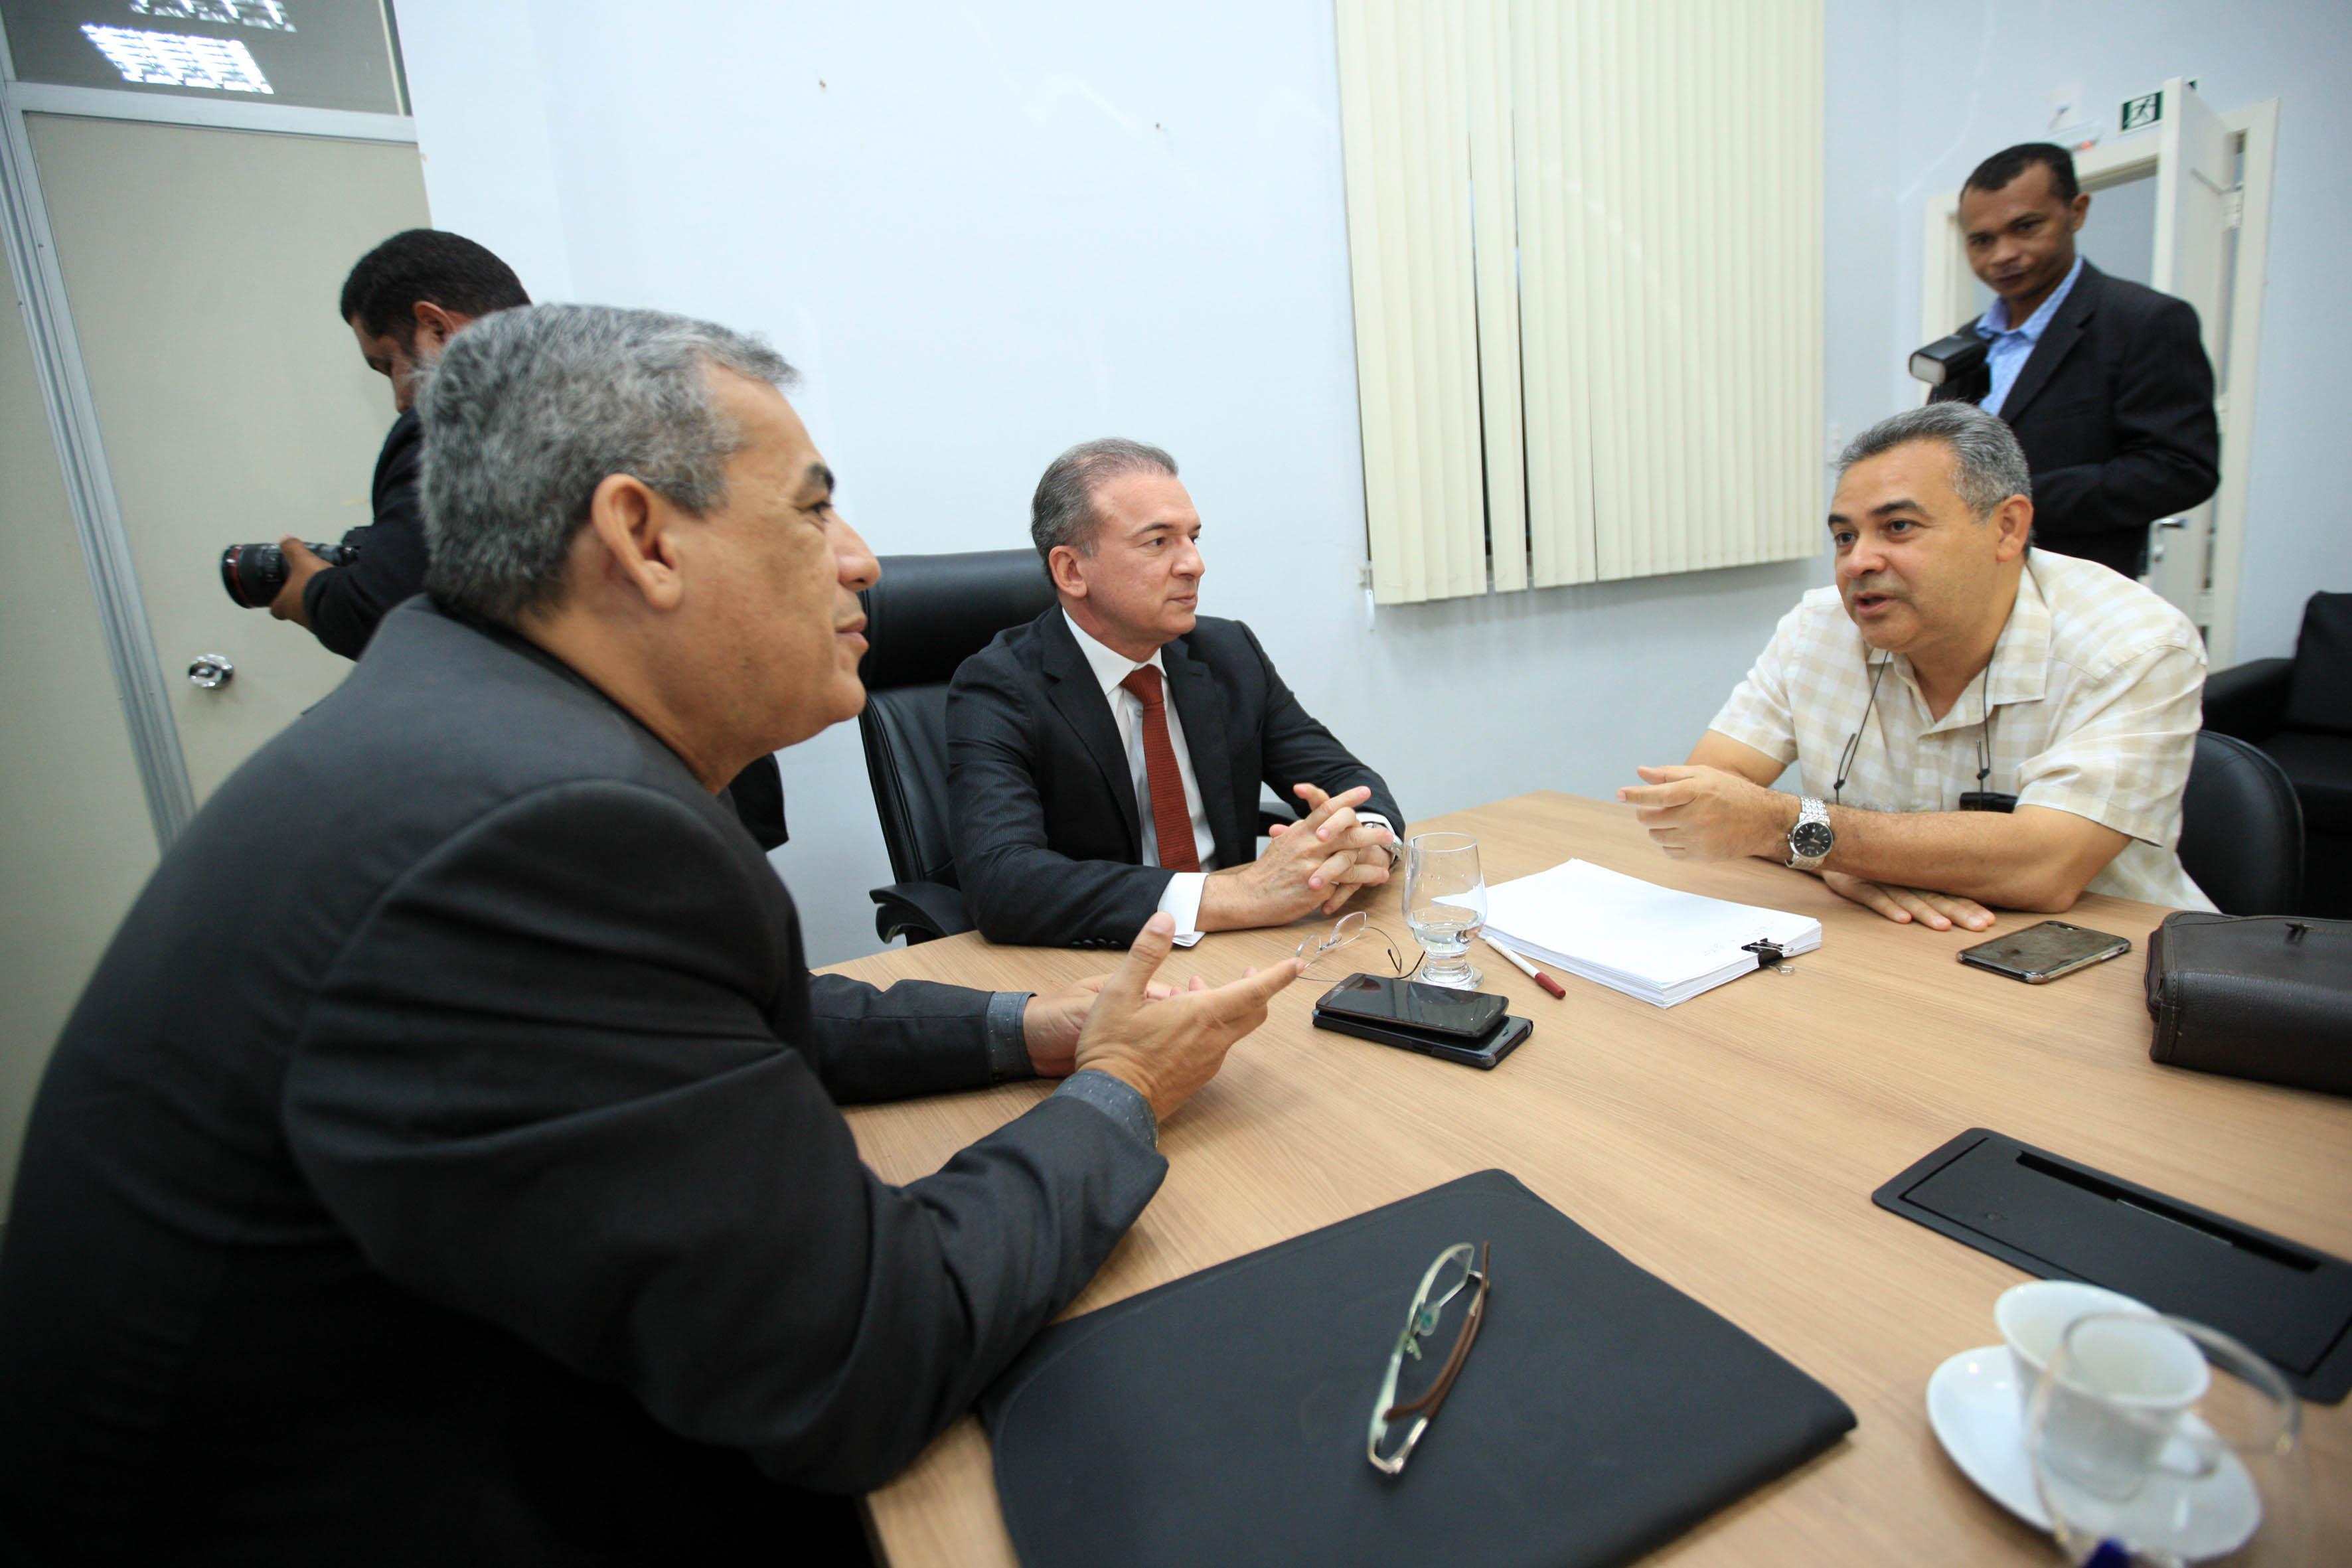 Photo of Iniciadas reuniões de transição do governo; Estado recebe pedido formal de informações da gestão